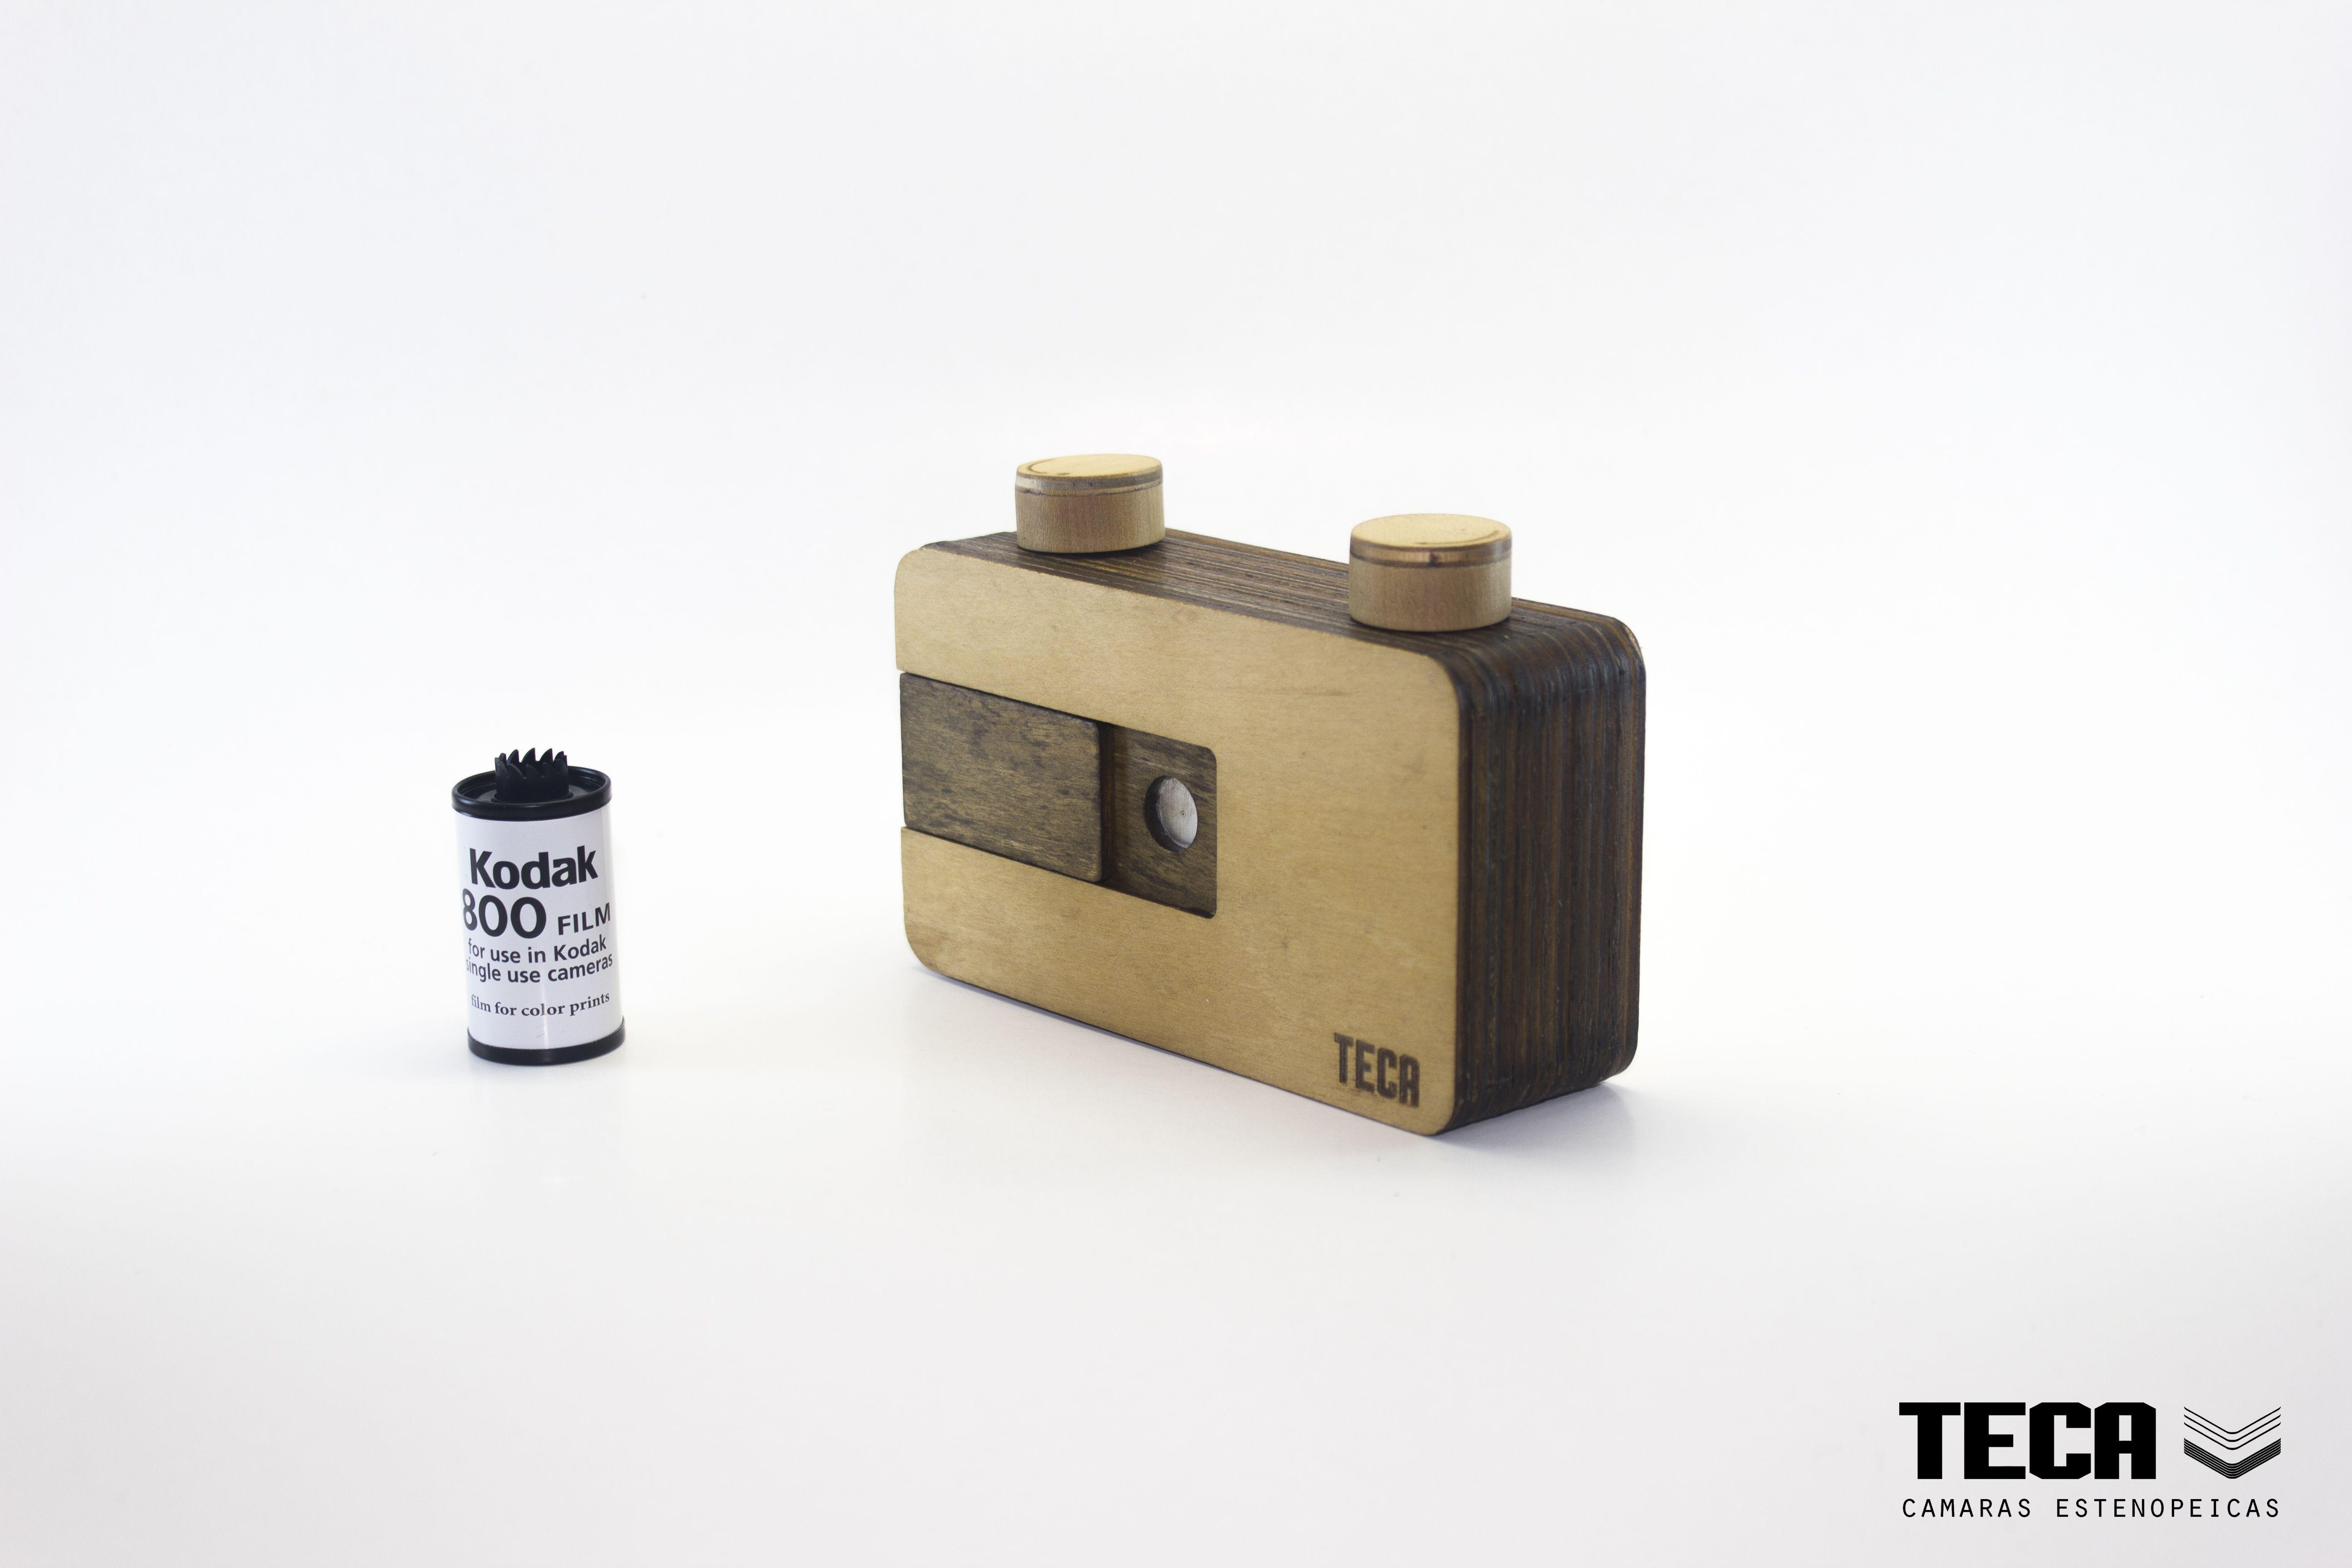 Teca Pinhole Camera 35mm Wooden Camara Estenopeica De Madera 35mm